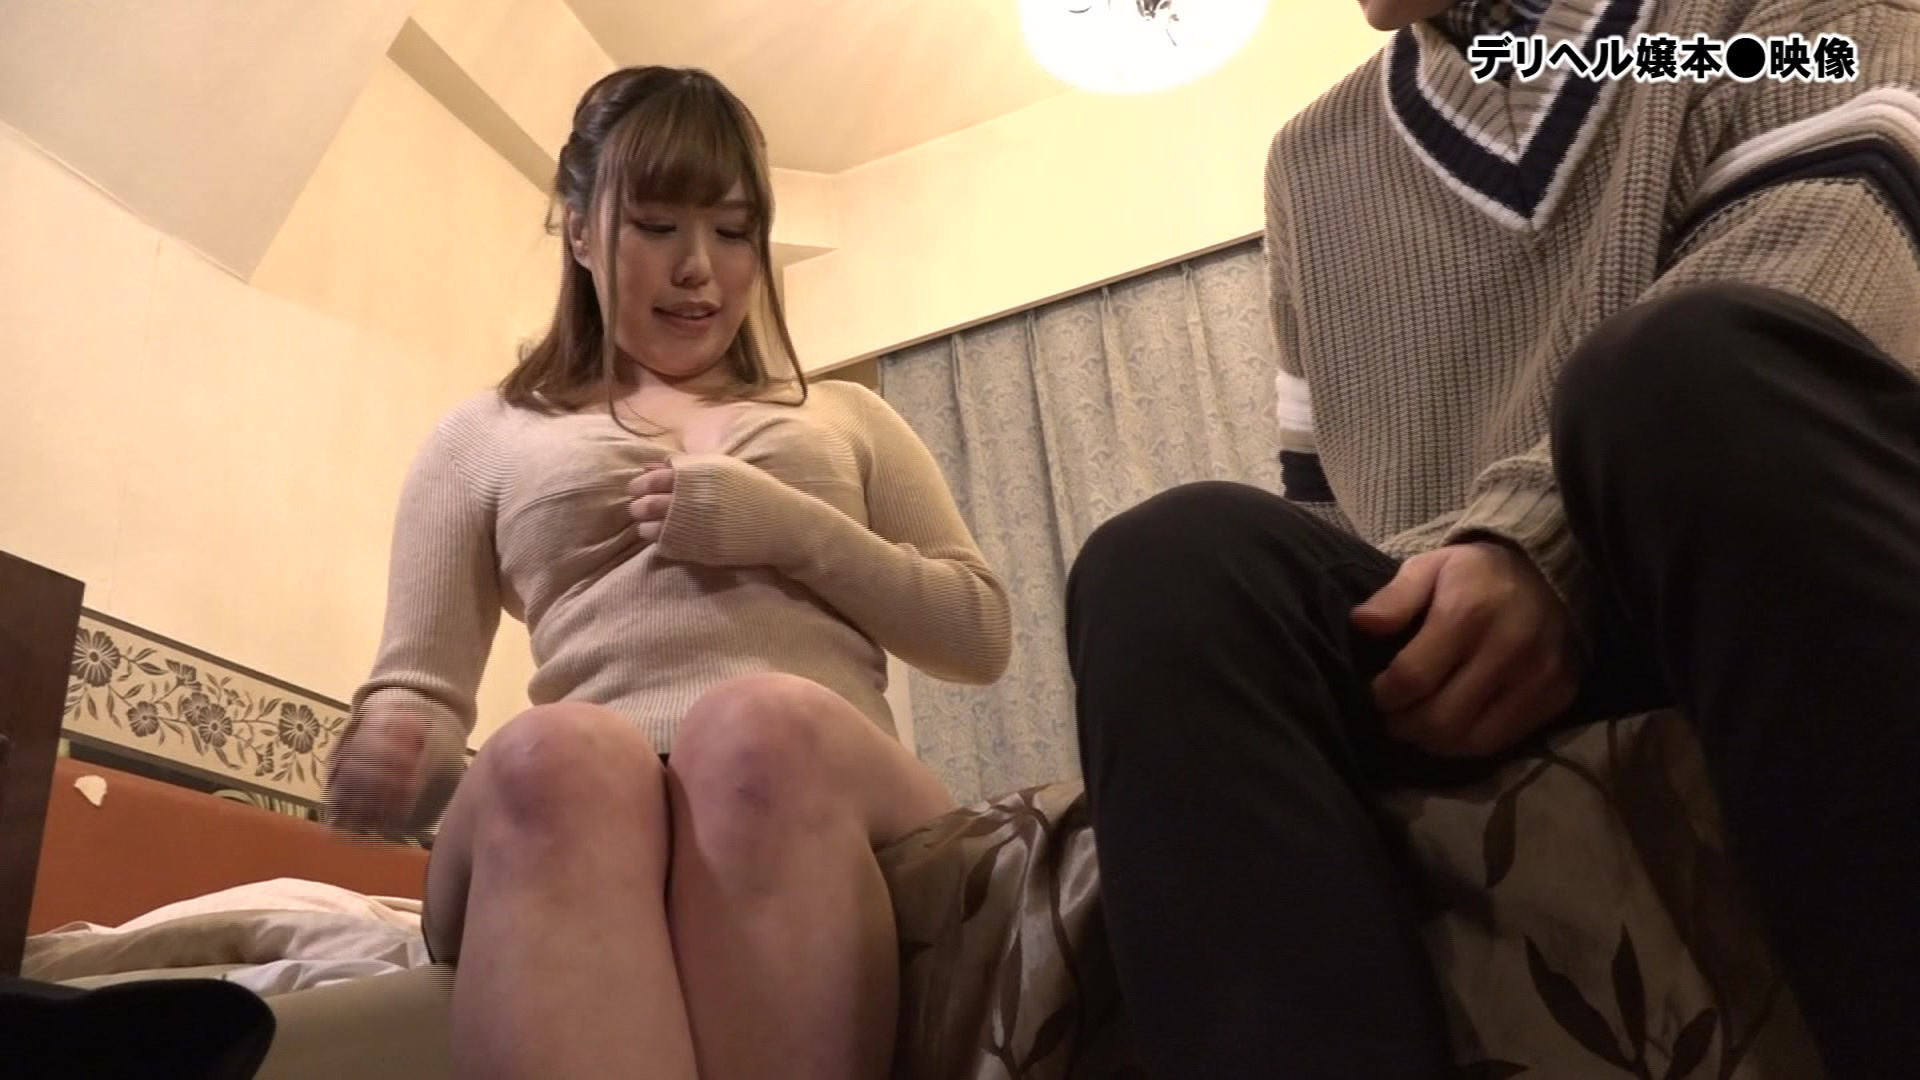 流出!デリヘル嬢本●映像(2)~都内有名店CのNo.1りなちゃん24歳